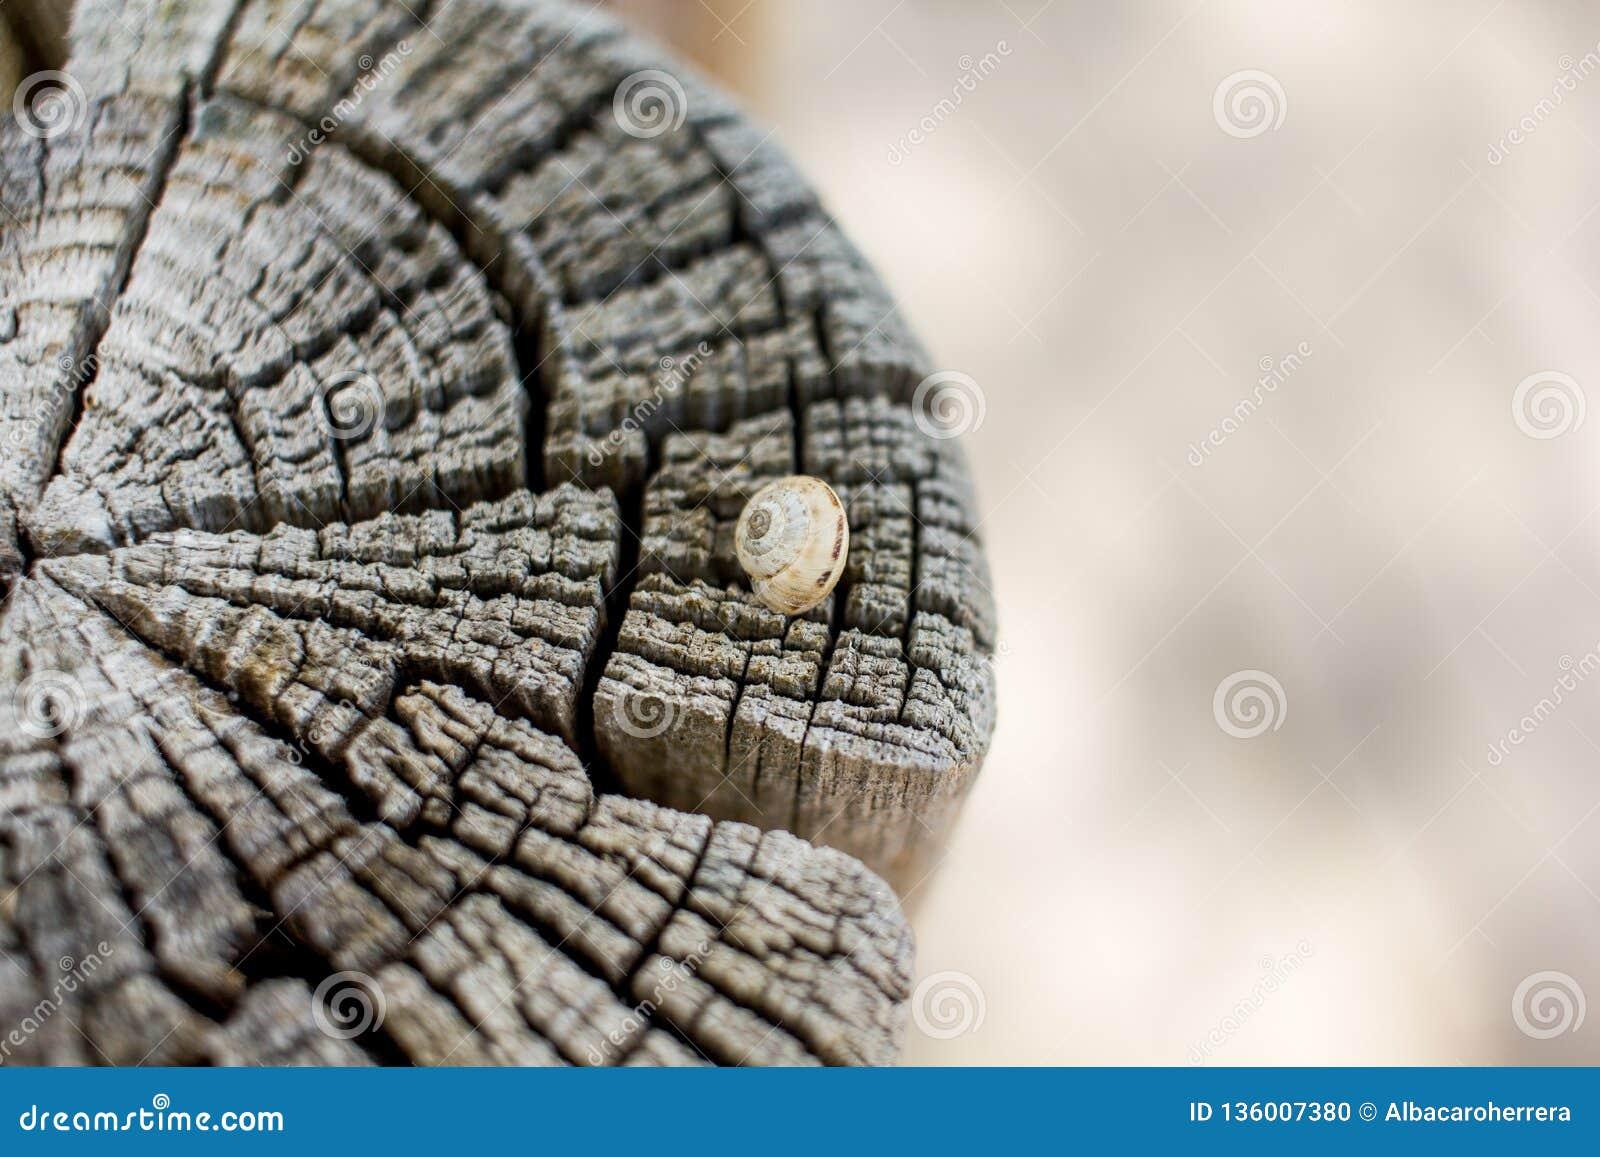 Ciérrese para arriba de un caracol en un tronco cortado